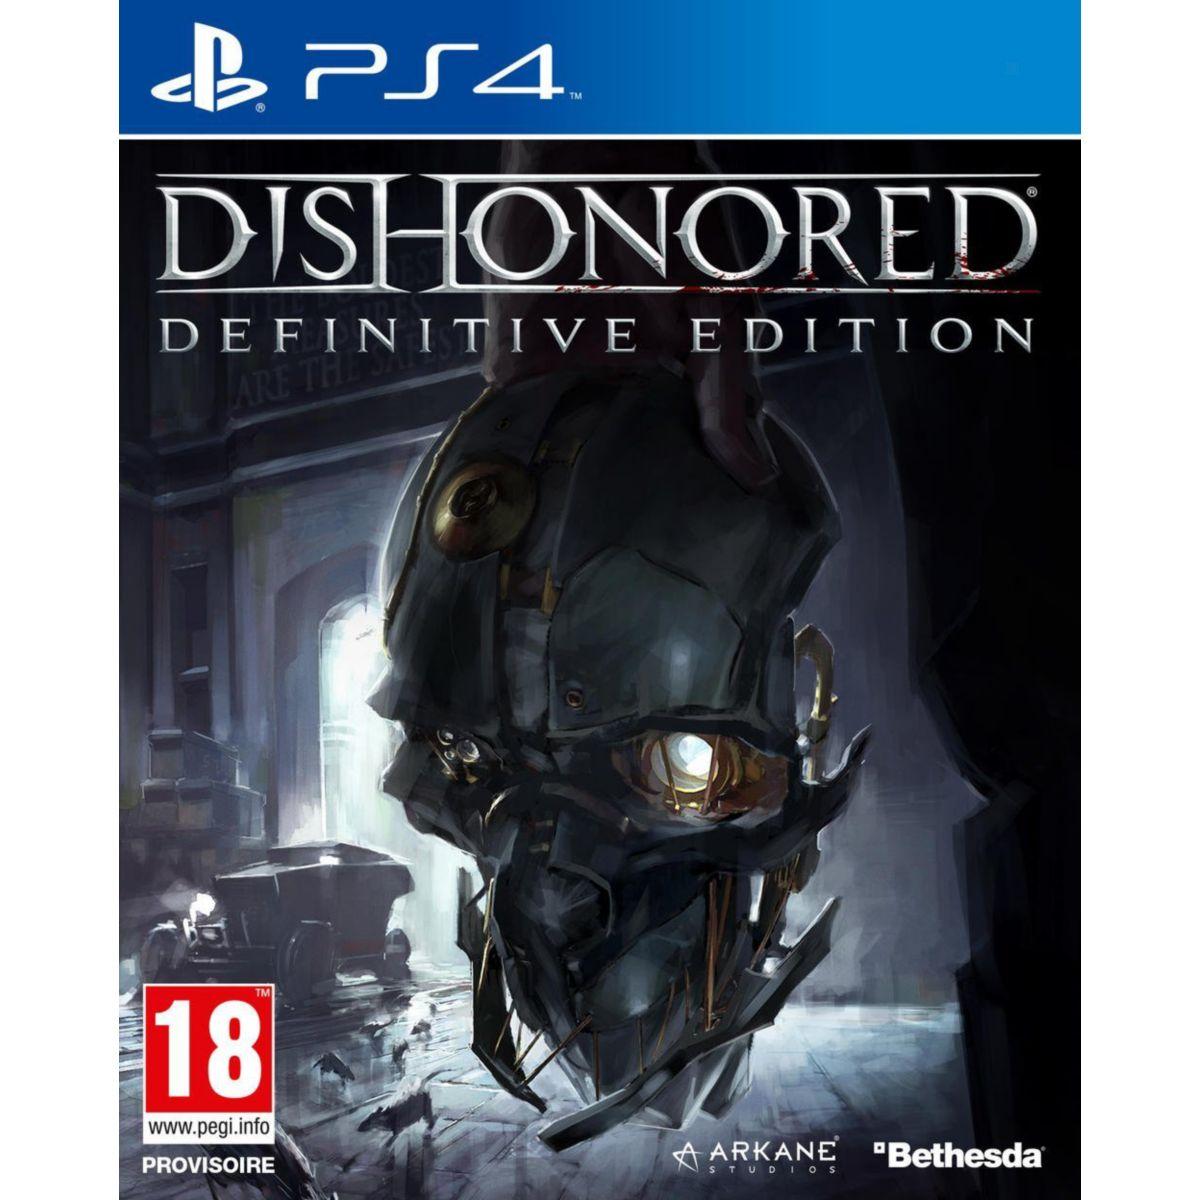 Jeu ps4 bethesda dishonored definitive edition - 20% de remise immédiate avec le code : multi20 (photo)